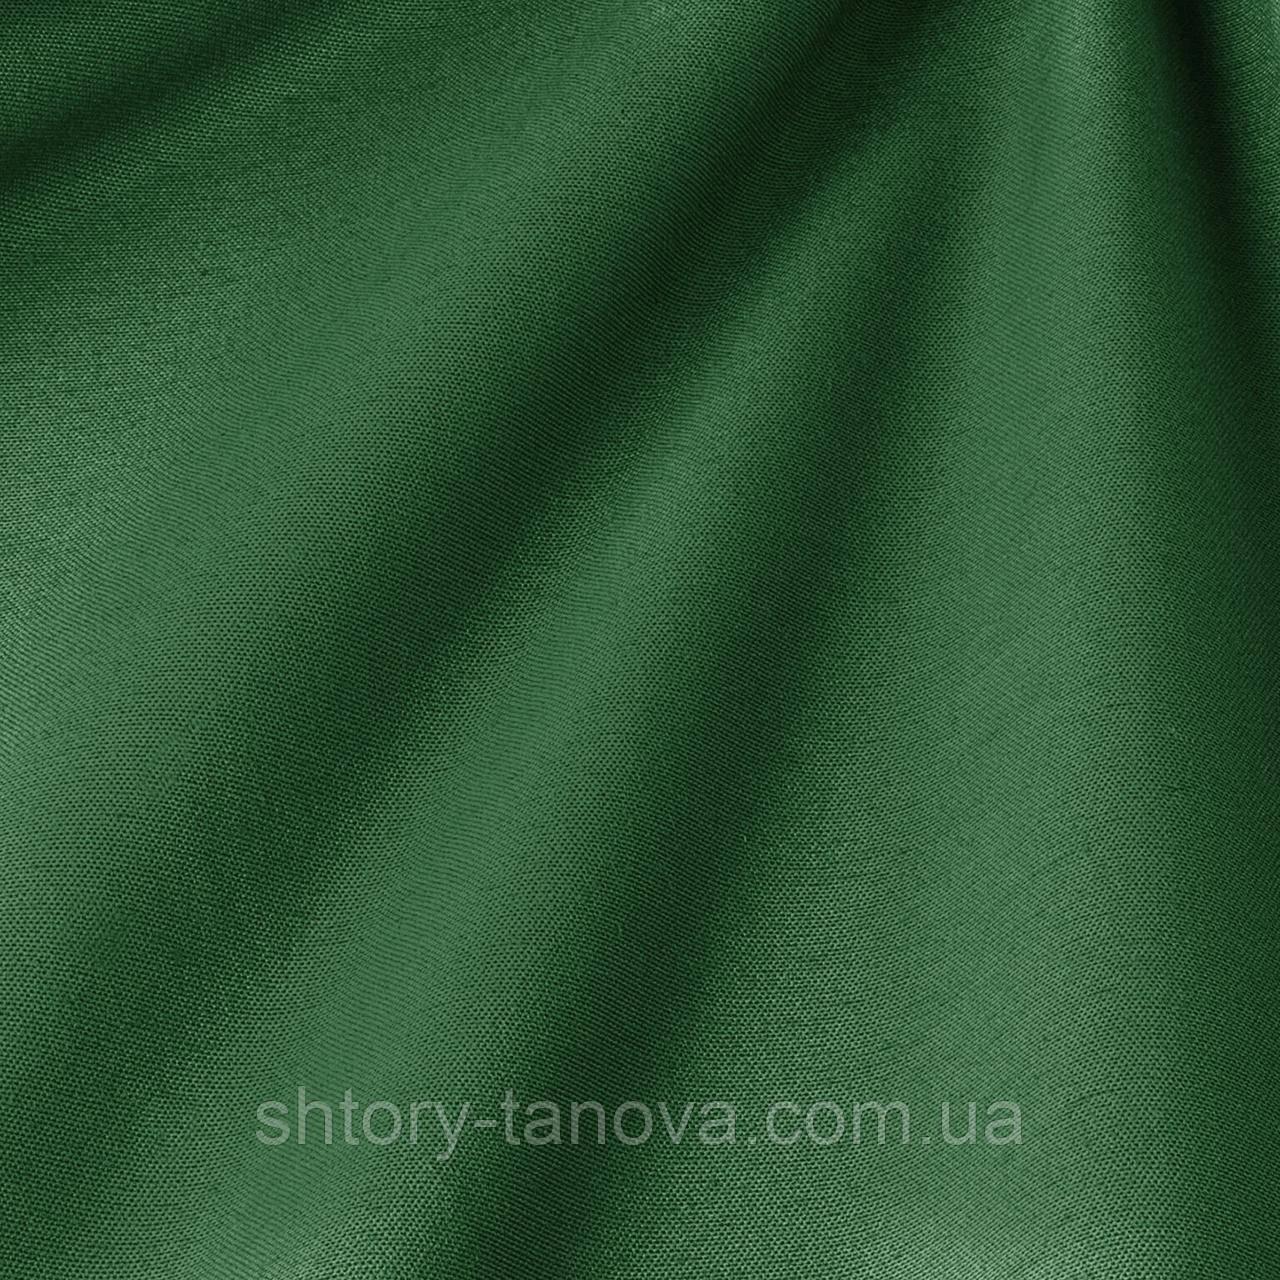 Декоративная ткань однотонная, перламутрово-зелёный